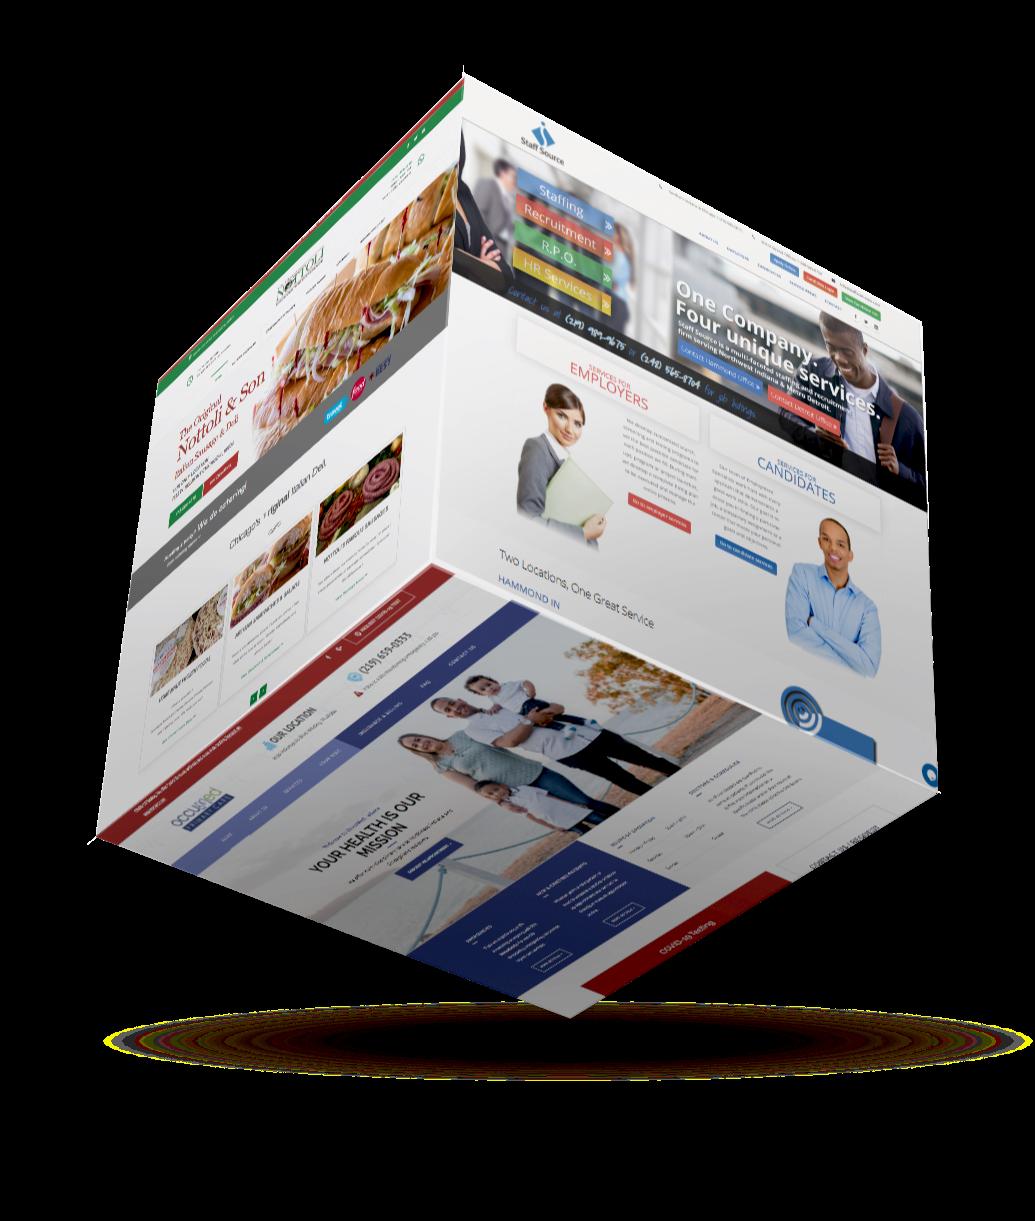 Elegrit websites on a cube